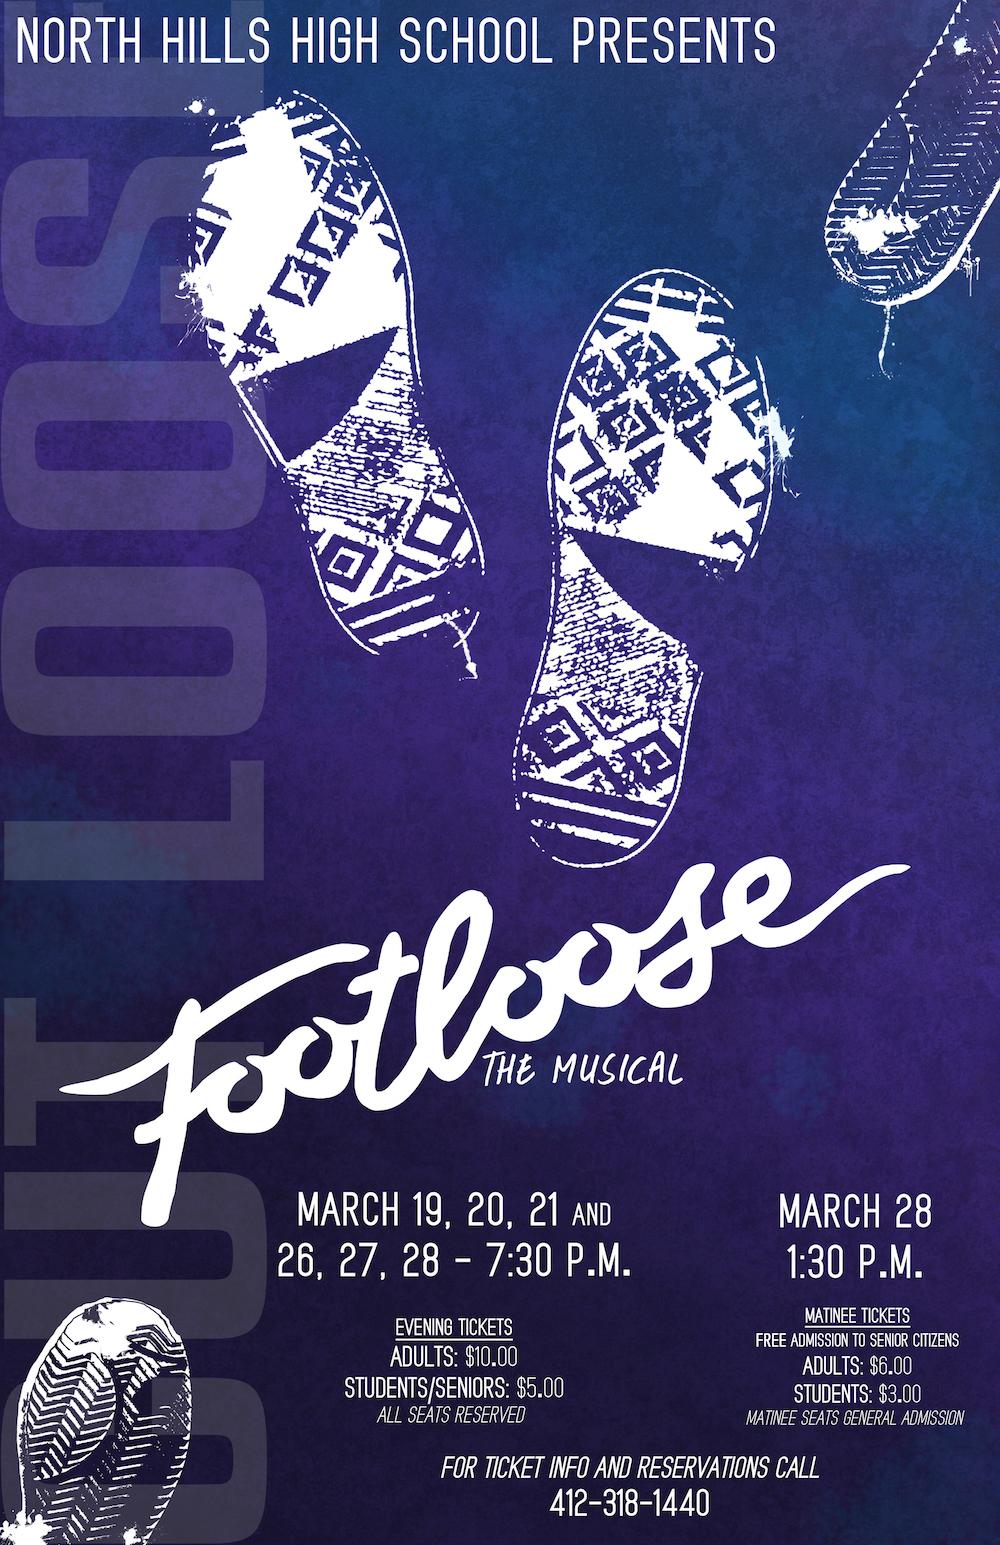 Footloose Poster 11x17.jpg